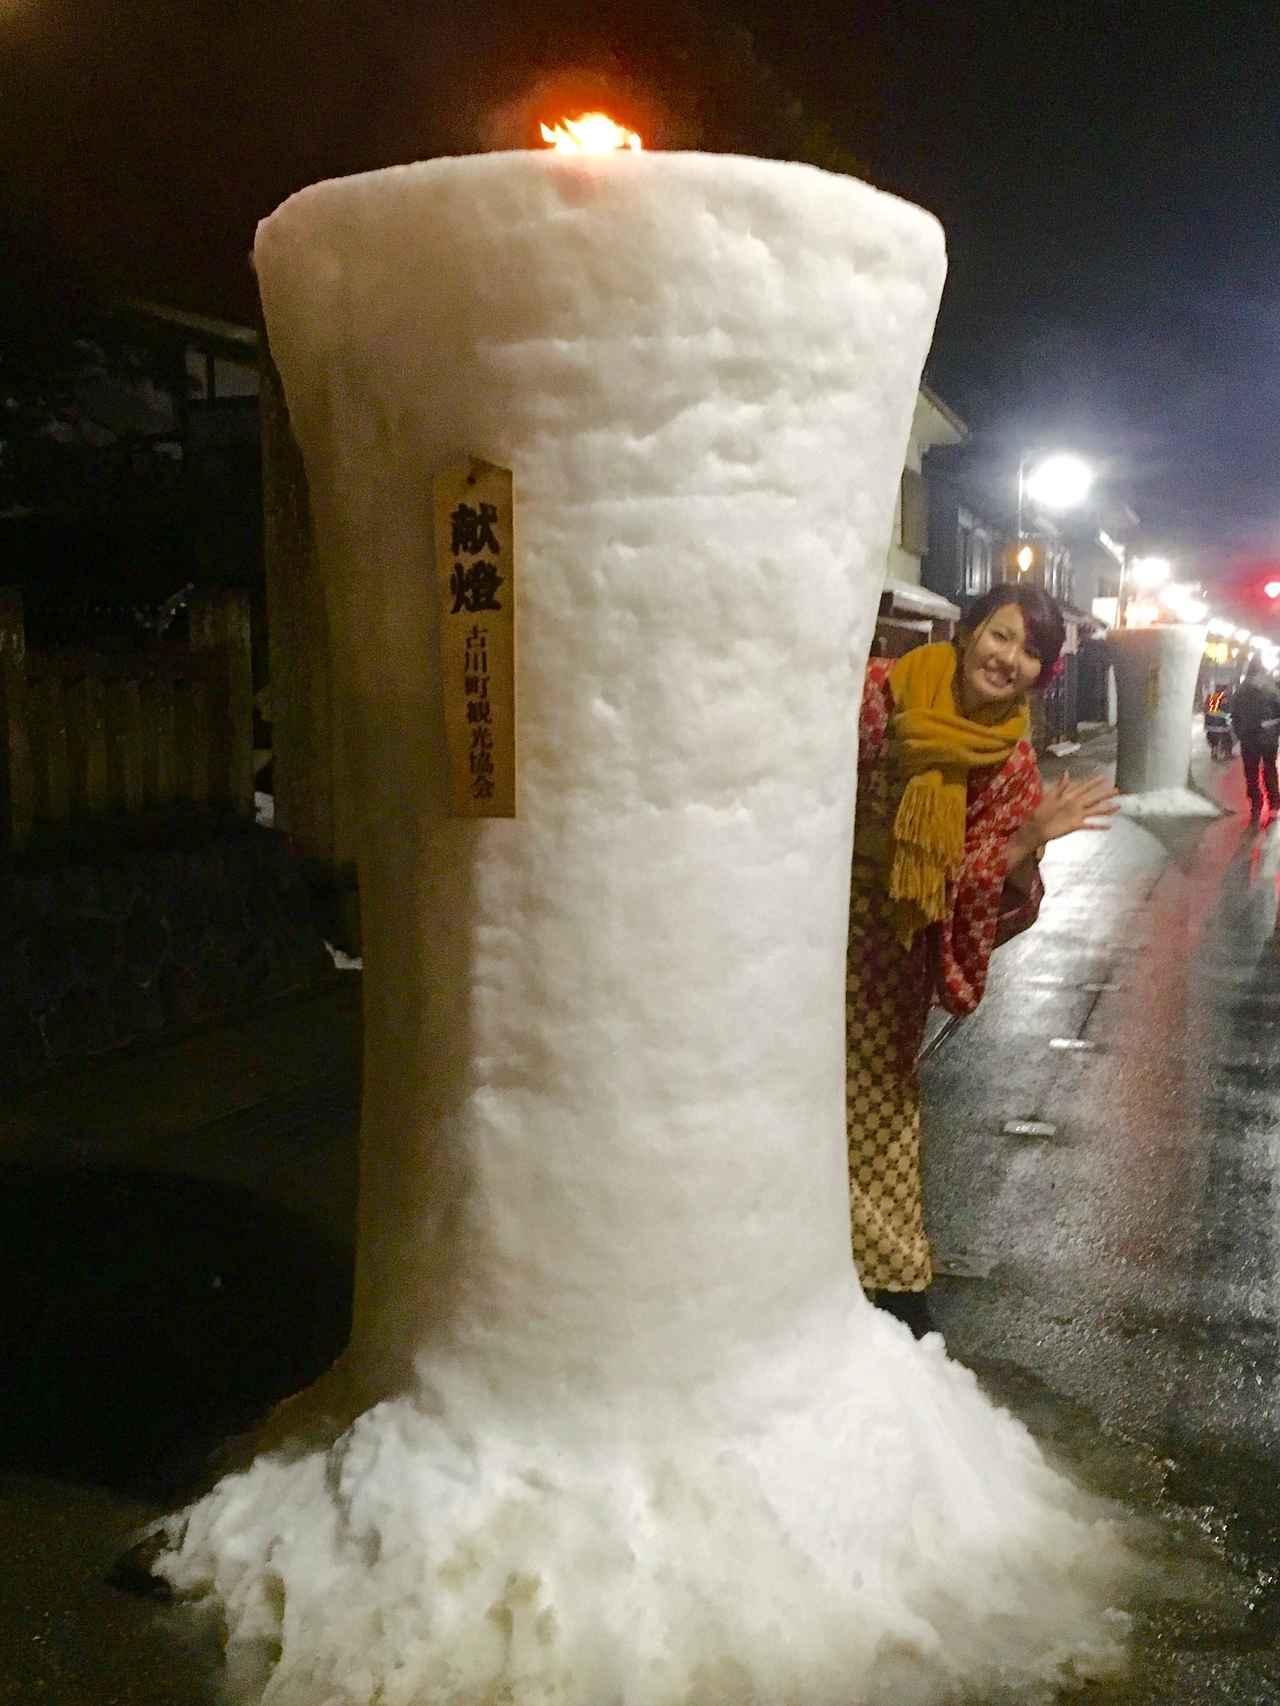 画像: 2mある巨大雪像ろうそく!167cmの私も珍しく小さく見えます!